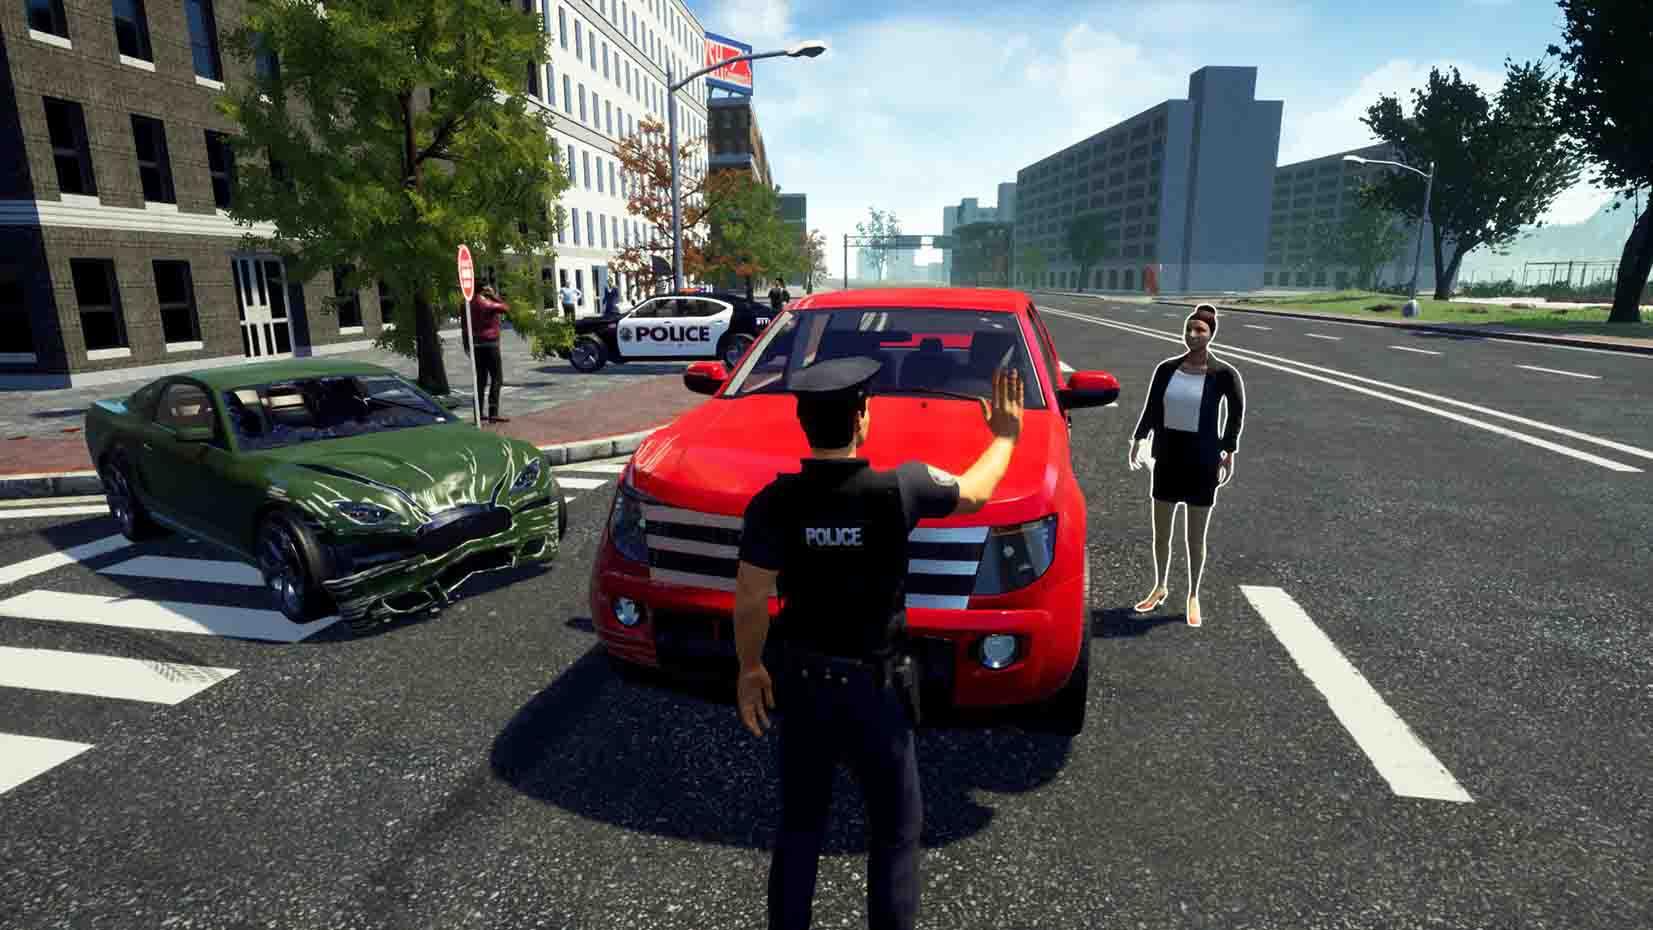 download-Police-Simulator-Patrol-Duty-hadoan-tv-1